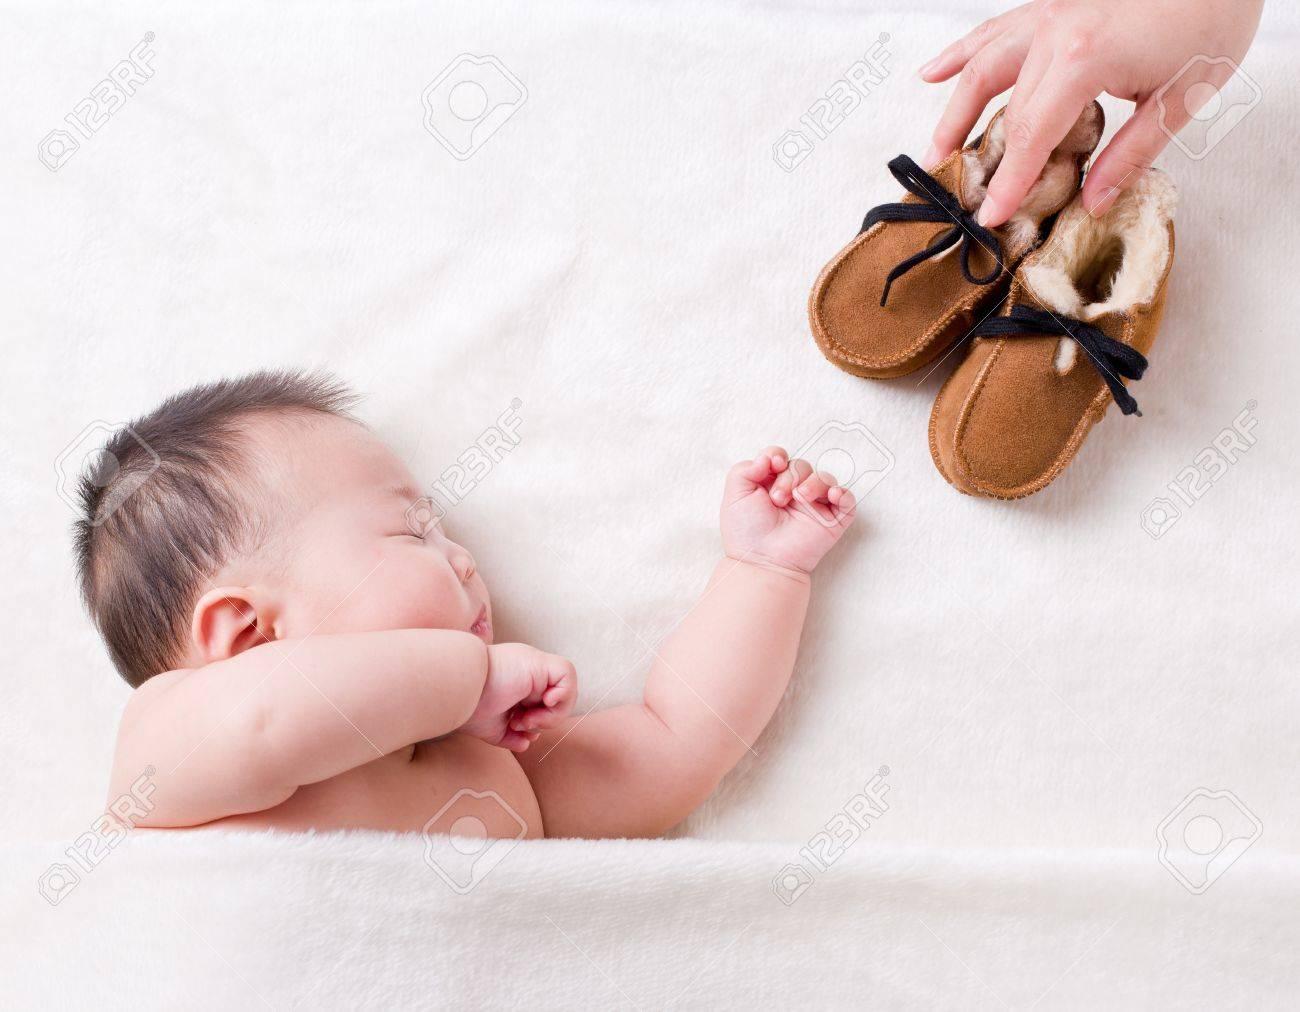 Mamá Puso El Zapato En El Lado Del Bebé Para Dormir Fotos, Retratos ...